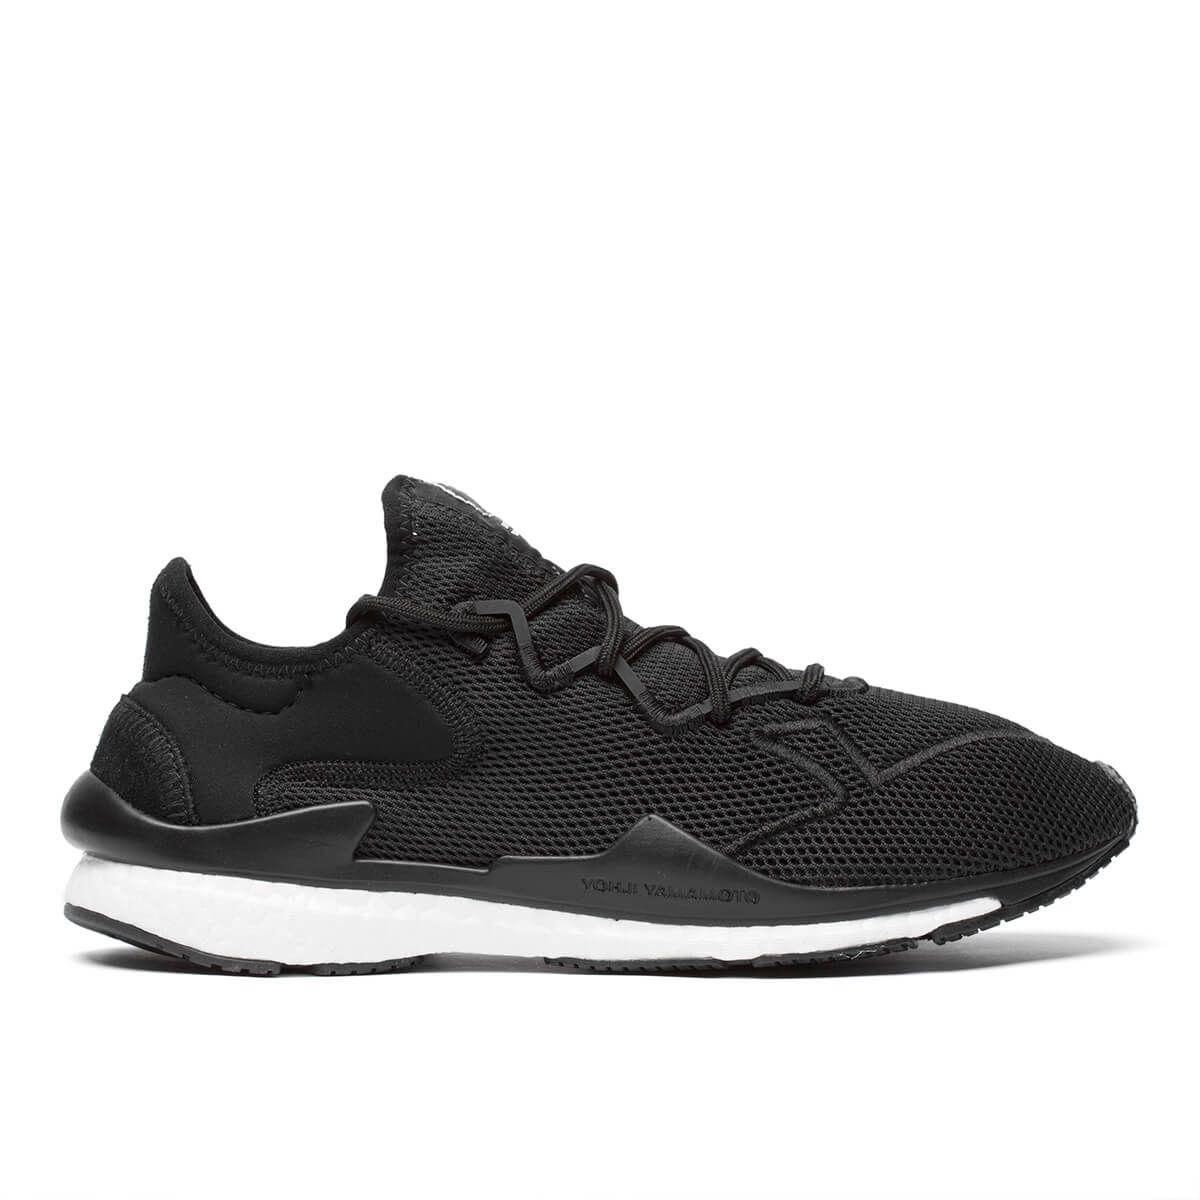 b37f47225 Y-3 Adizero Runner Neoprene And Suede-Trimmed Mesh Sneakers - Black ...